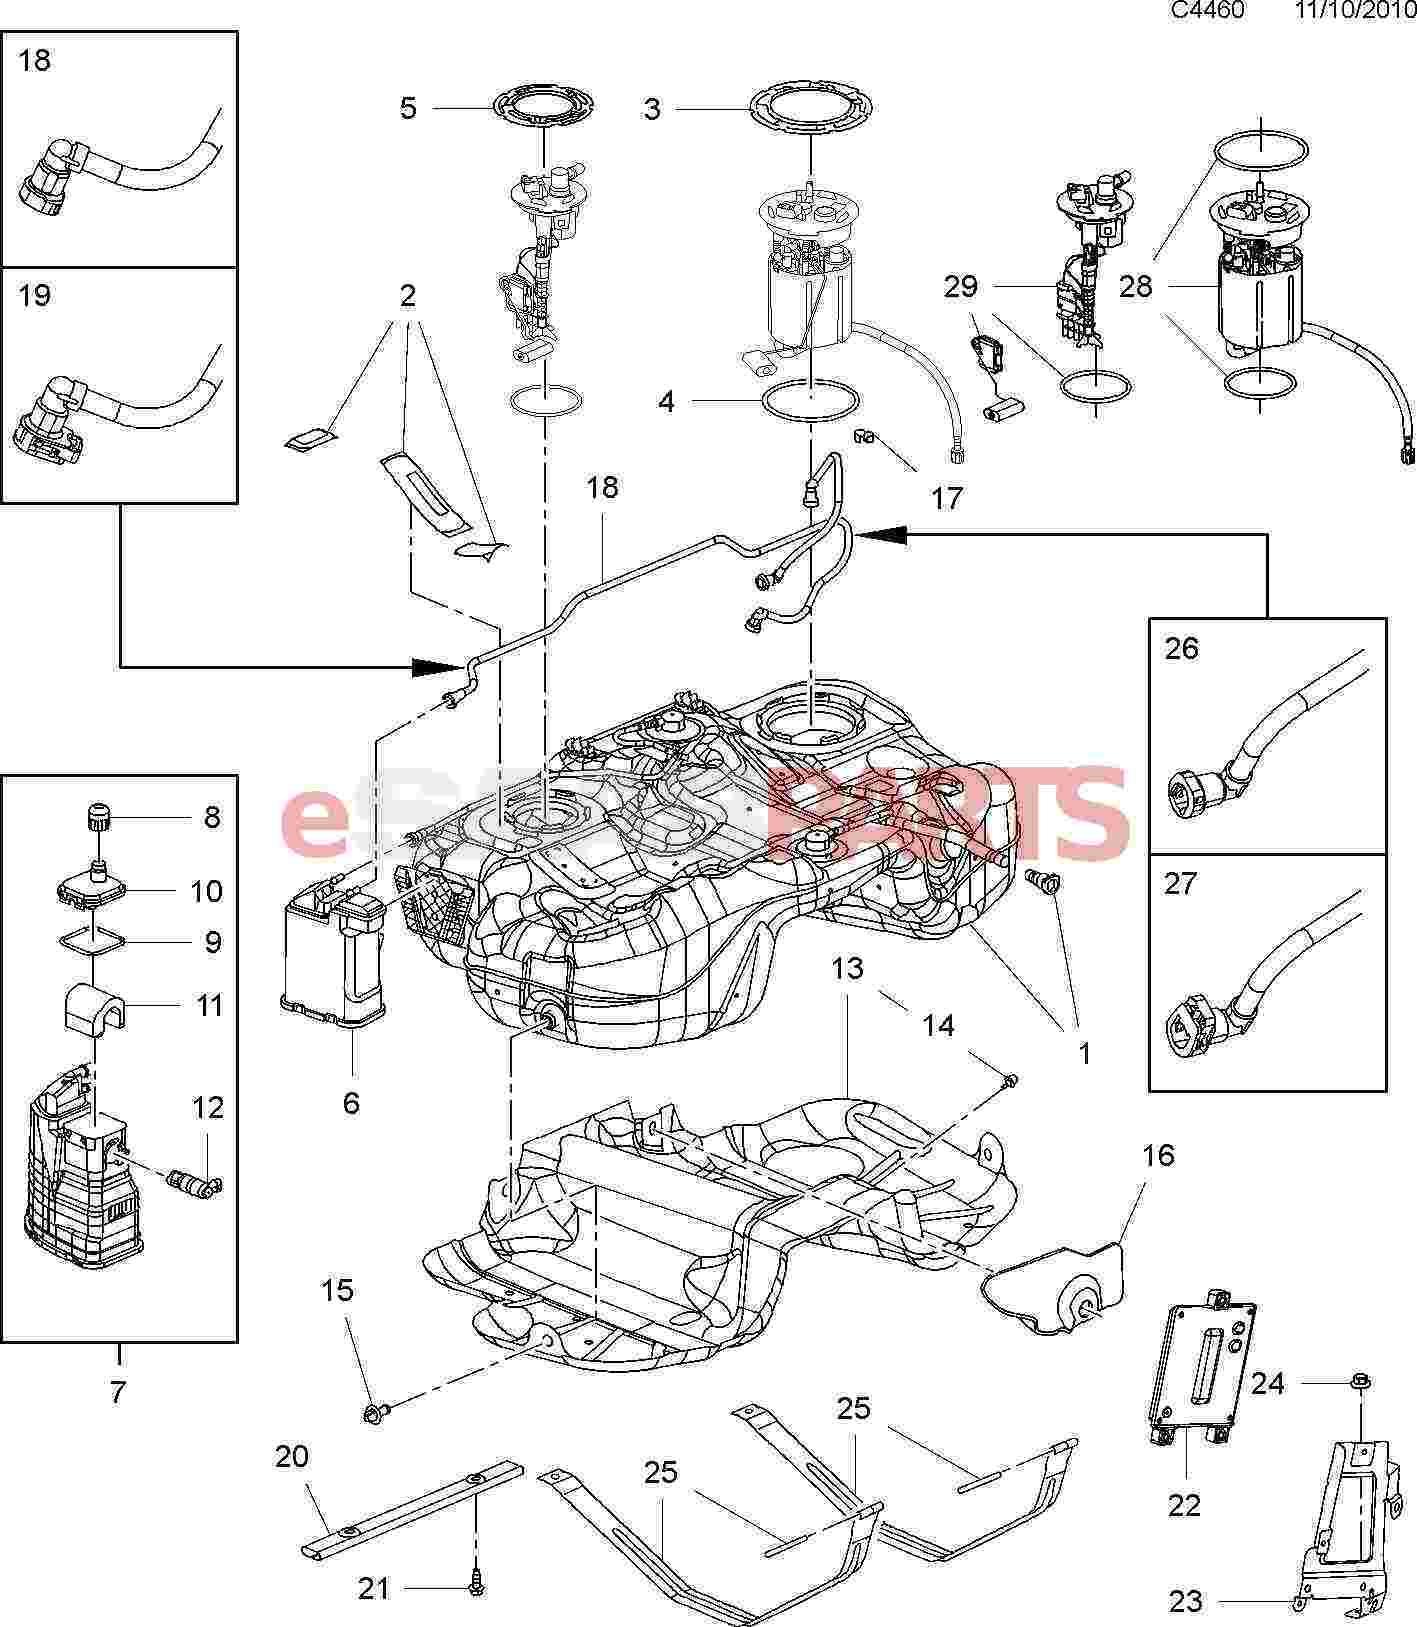 esaabparts com saab 9 5 (650) \u003e engine parts \u003e fuel system \u003e fuelesaabparts com saab 9 5 (650) \u003e engine parts \u003e fuel system \u003e fuel tank with all wheel drive (xwd)